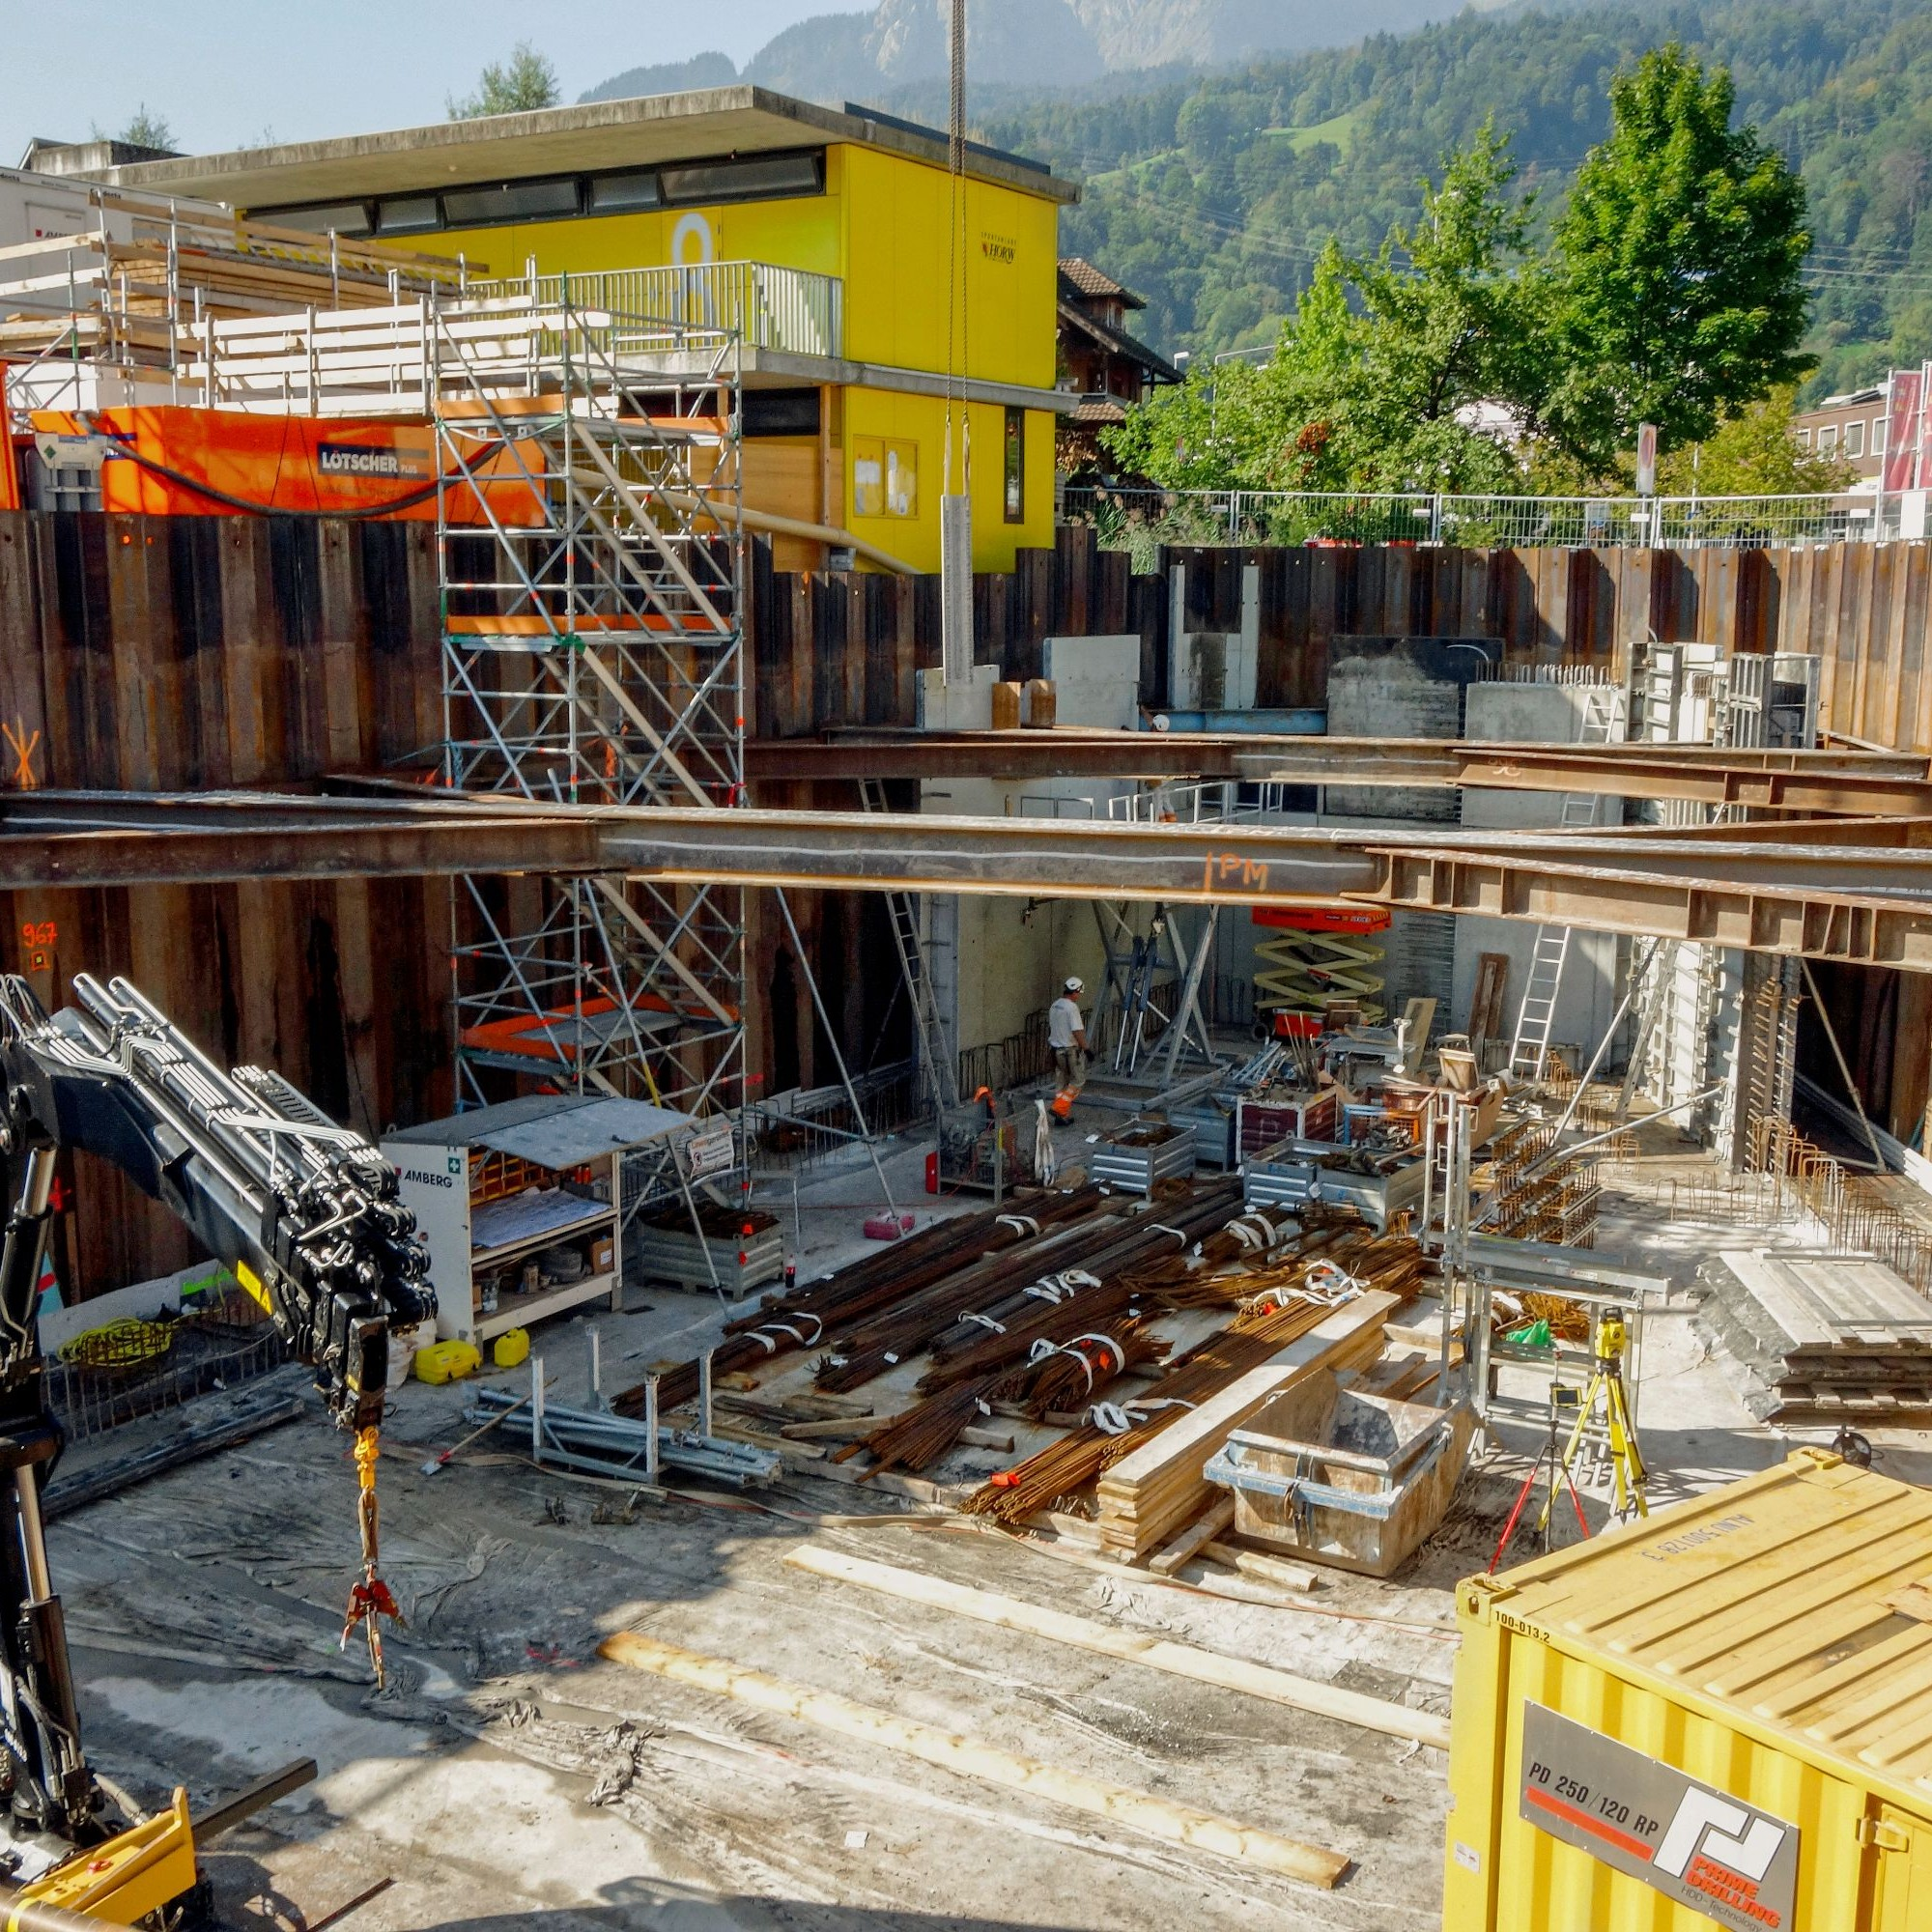 Wegen des instabilen Untergrunds kommt der Baugrubensicherung in Horw eine entscheidende Rolle zu.